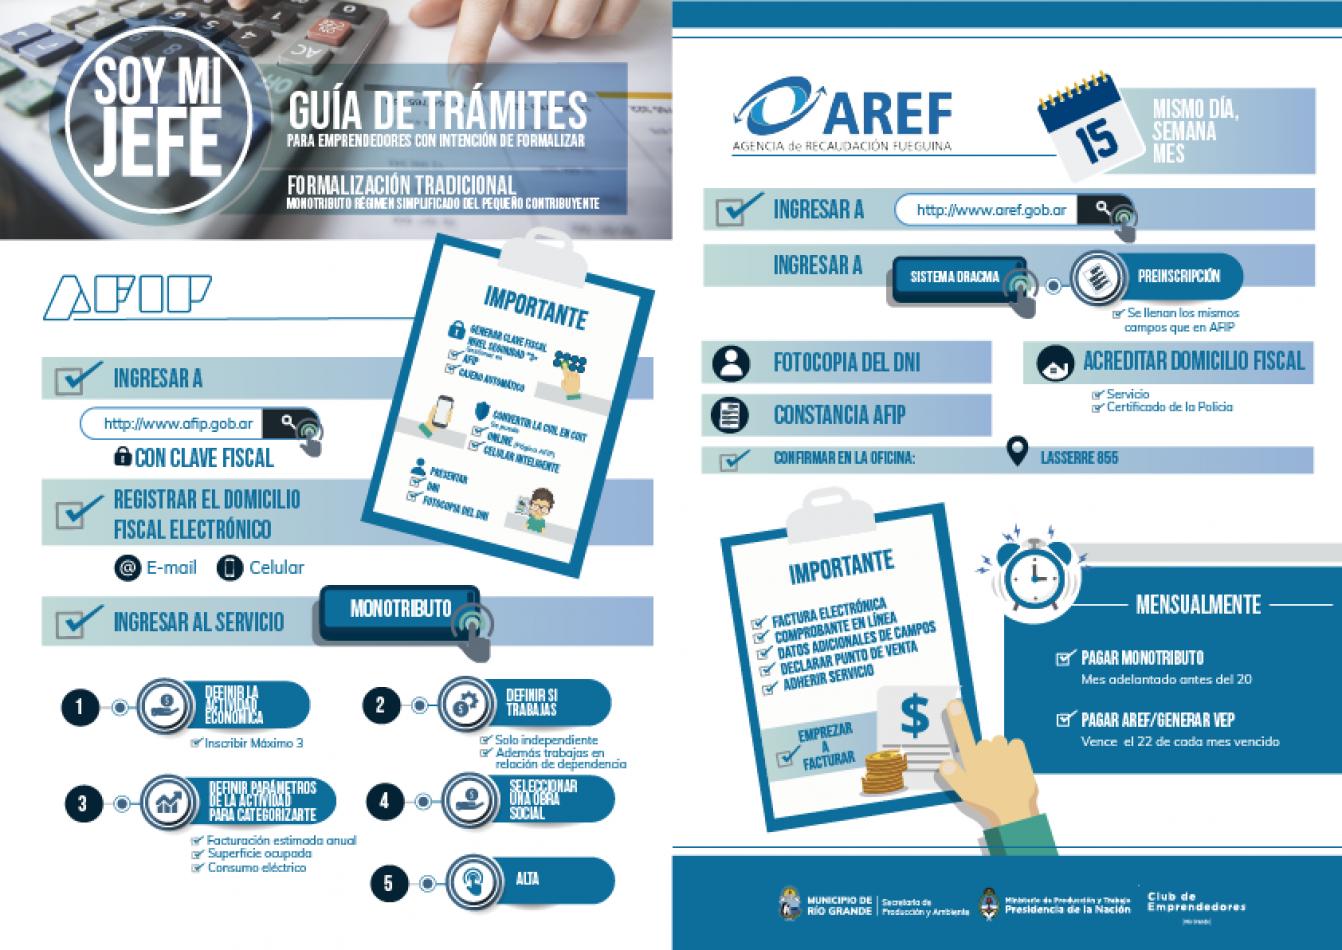 El municipio de Río Grande lanzó la guía de trámites para emprendedores